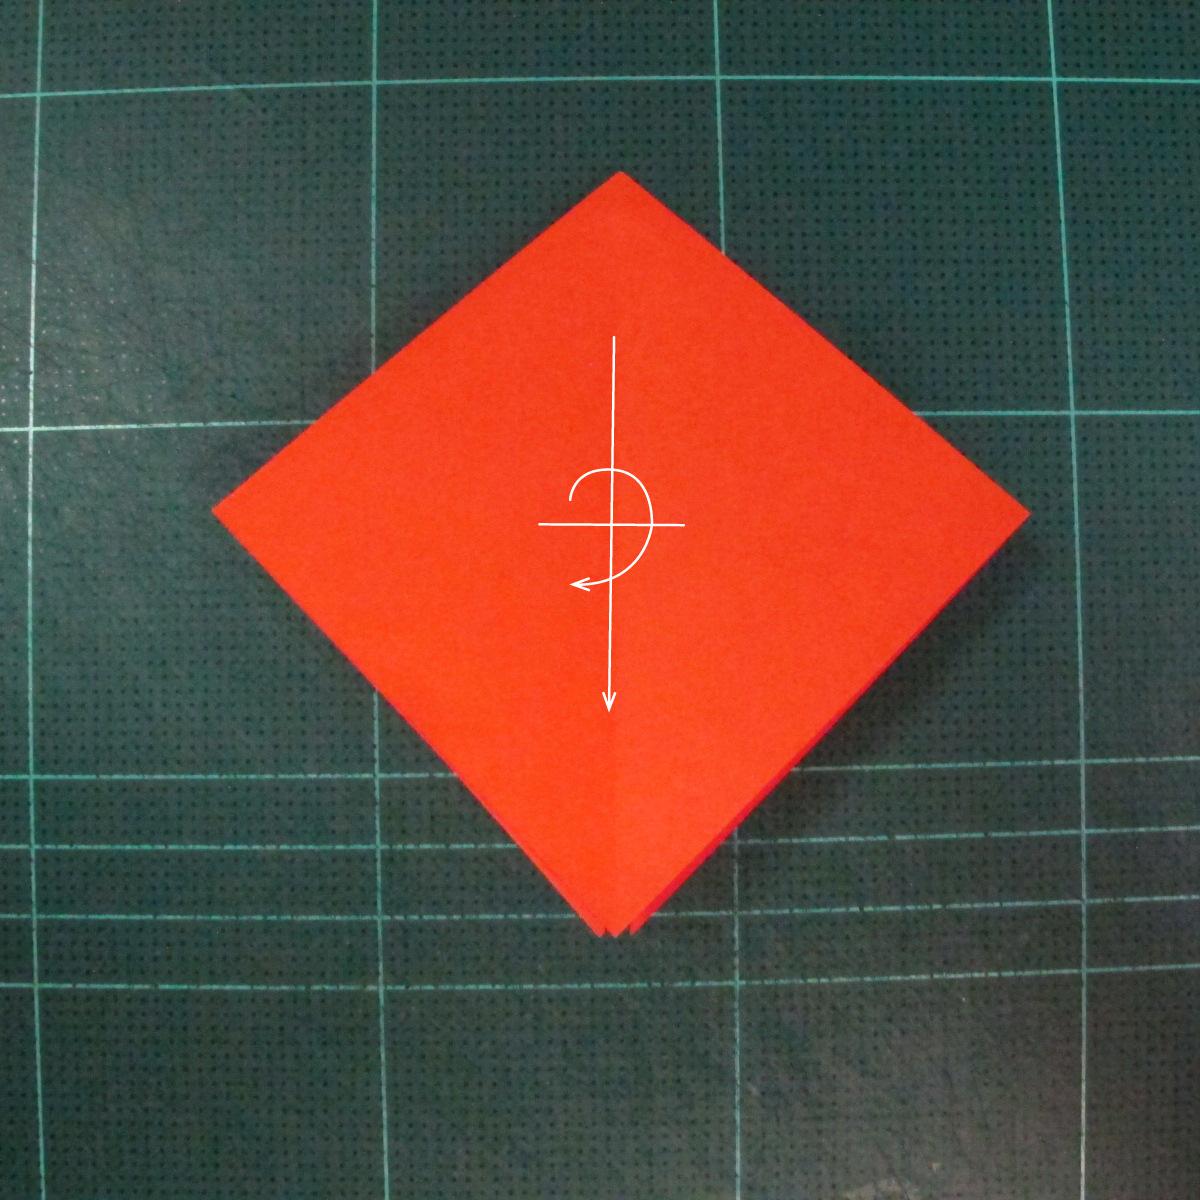 วิธีพับกระดาษเป็นช่อดอกไม้ติดอกเสื้อ (Origami Wedding Chest Flower) 005